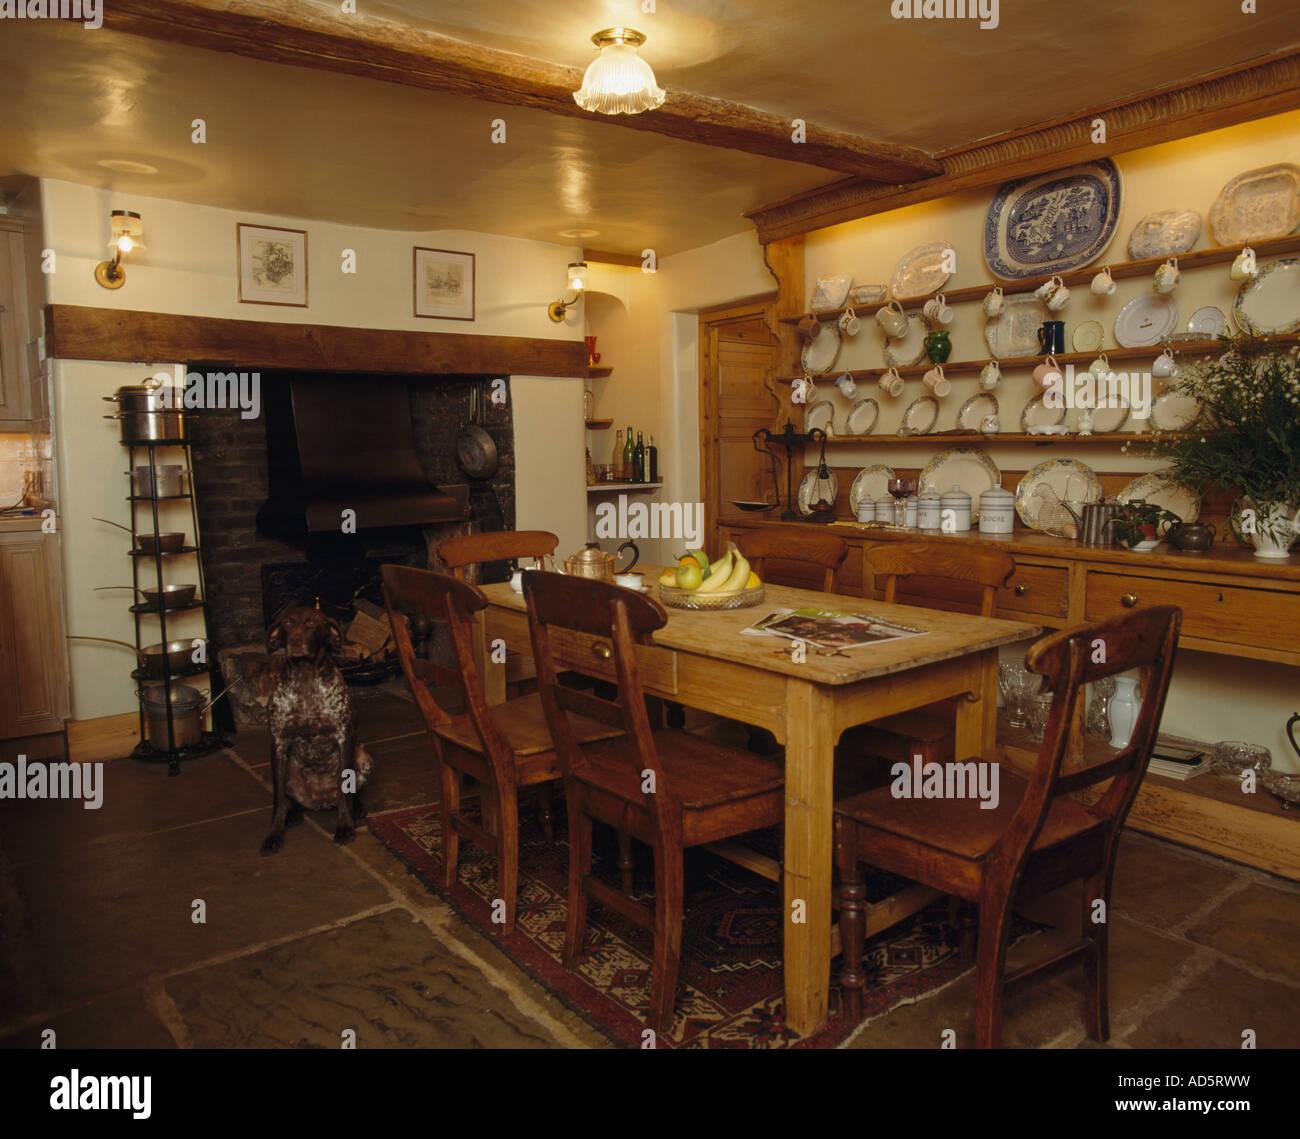 Antike Holzstühle und Tisch im Landhaus-Küche mit Kamin und Platten ...